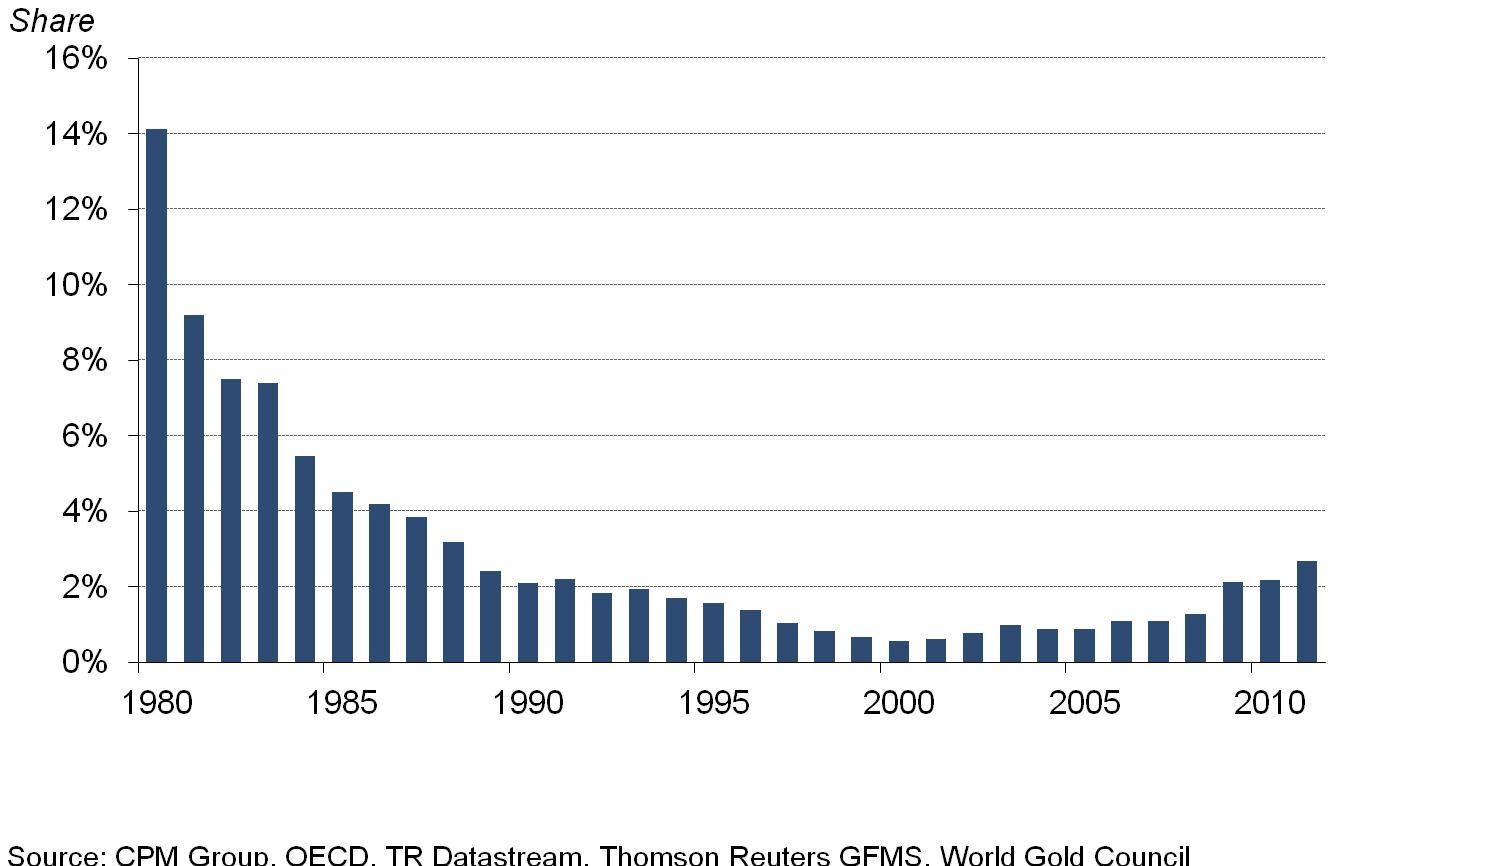 14. grafikon: Az arany aránya a globális befektetéseken belül csökkent 1980-2000 között, s azóta csak minimális mértékben nőtt, Forrás: Pierre Lassonde-Gold Forum Denver 2012, Conclude Zrt.